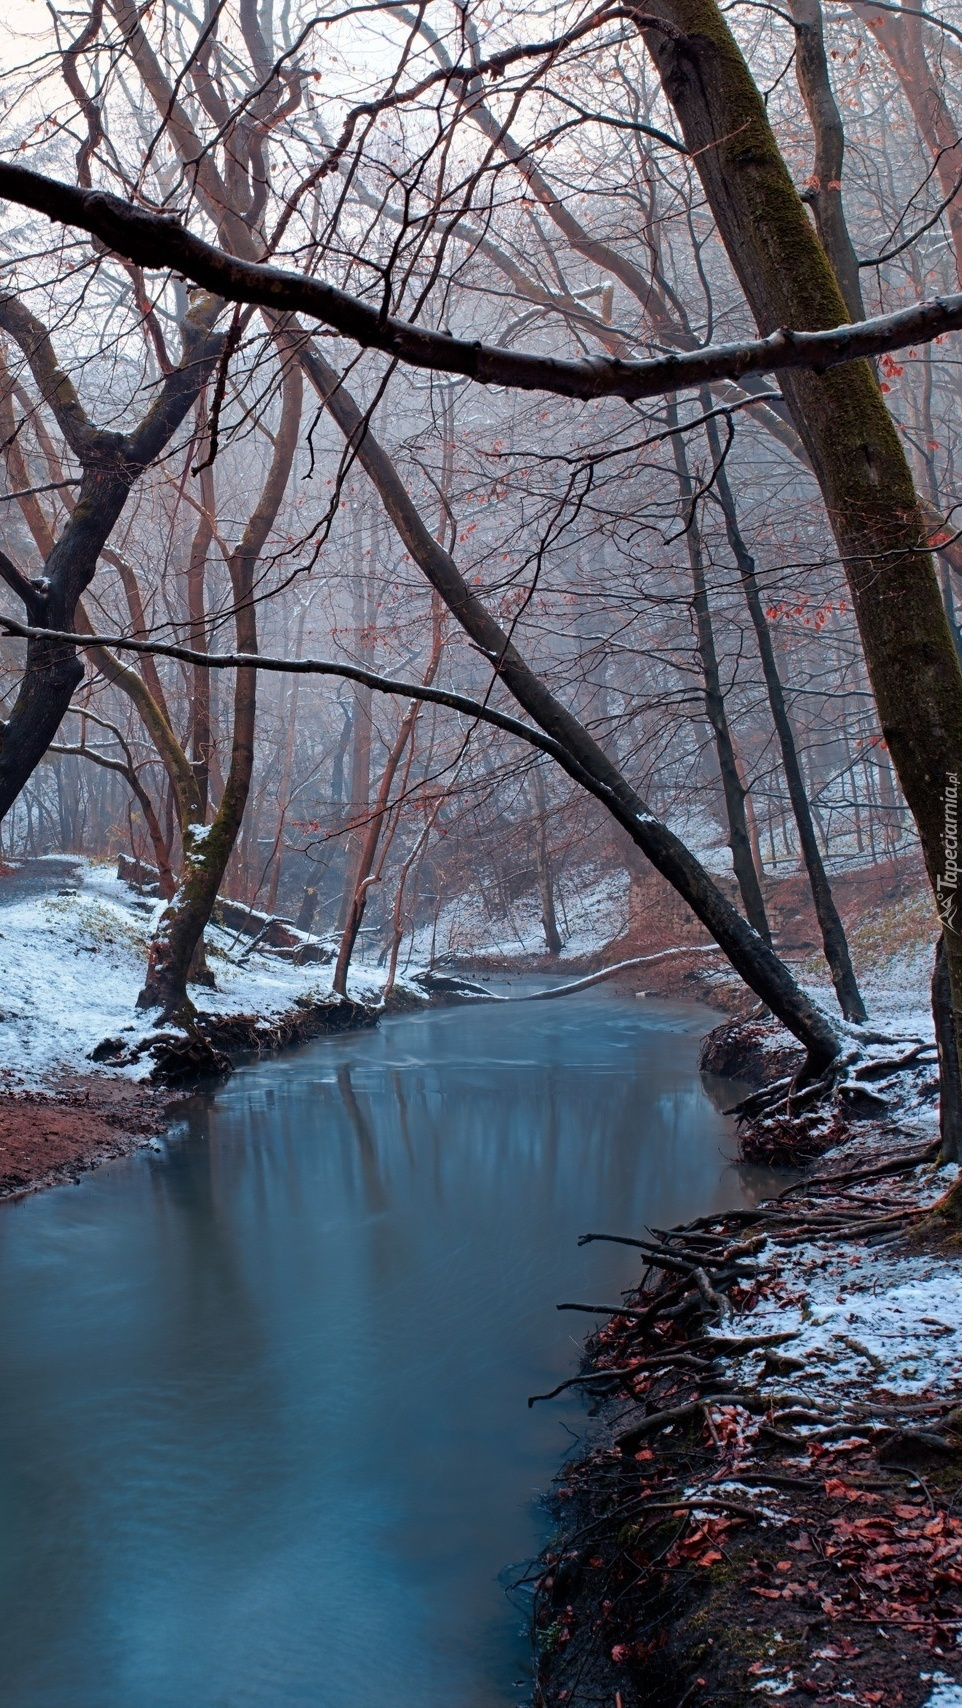 Śnieg na brzegach rzeki